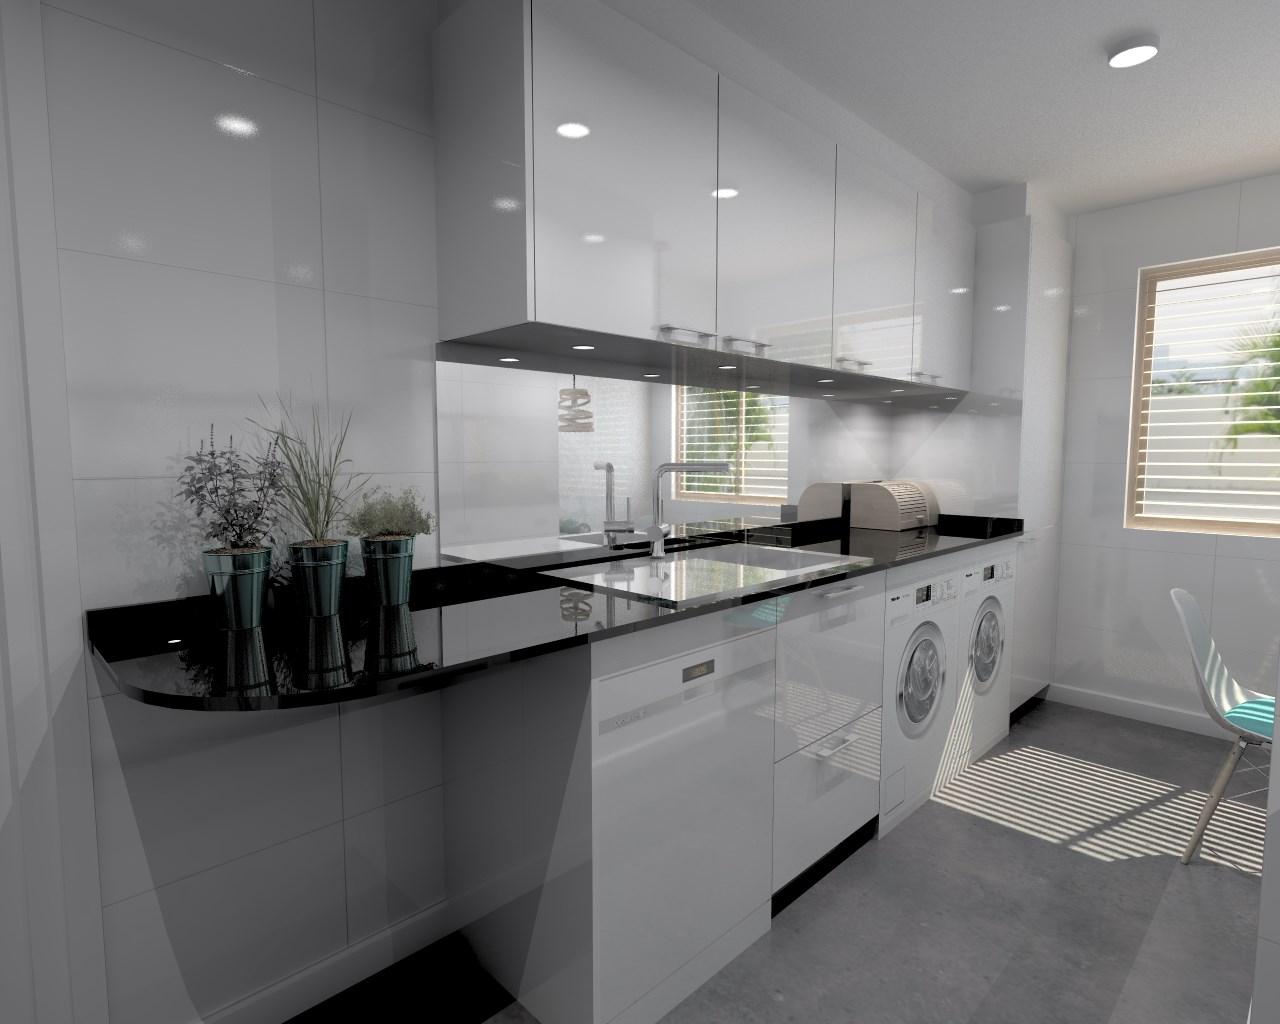 Aravaca cocina santos modelo plano laminado blanco for Encimera de granito negro